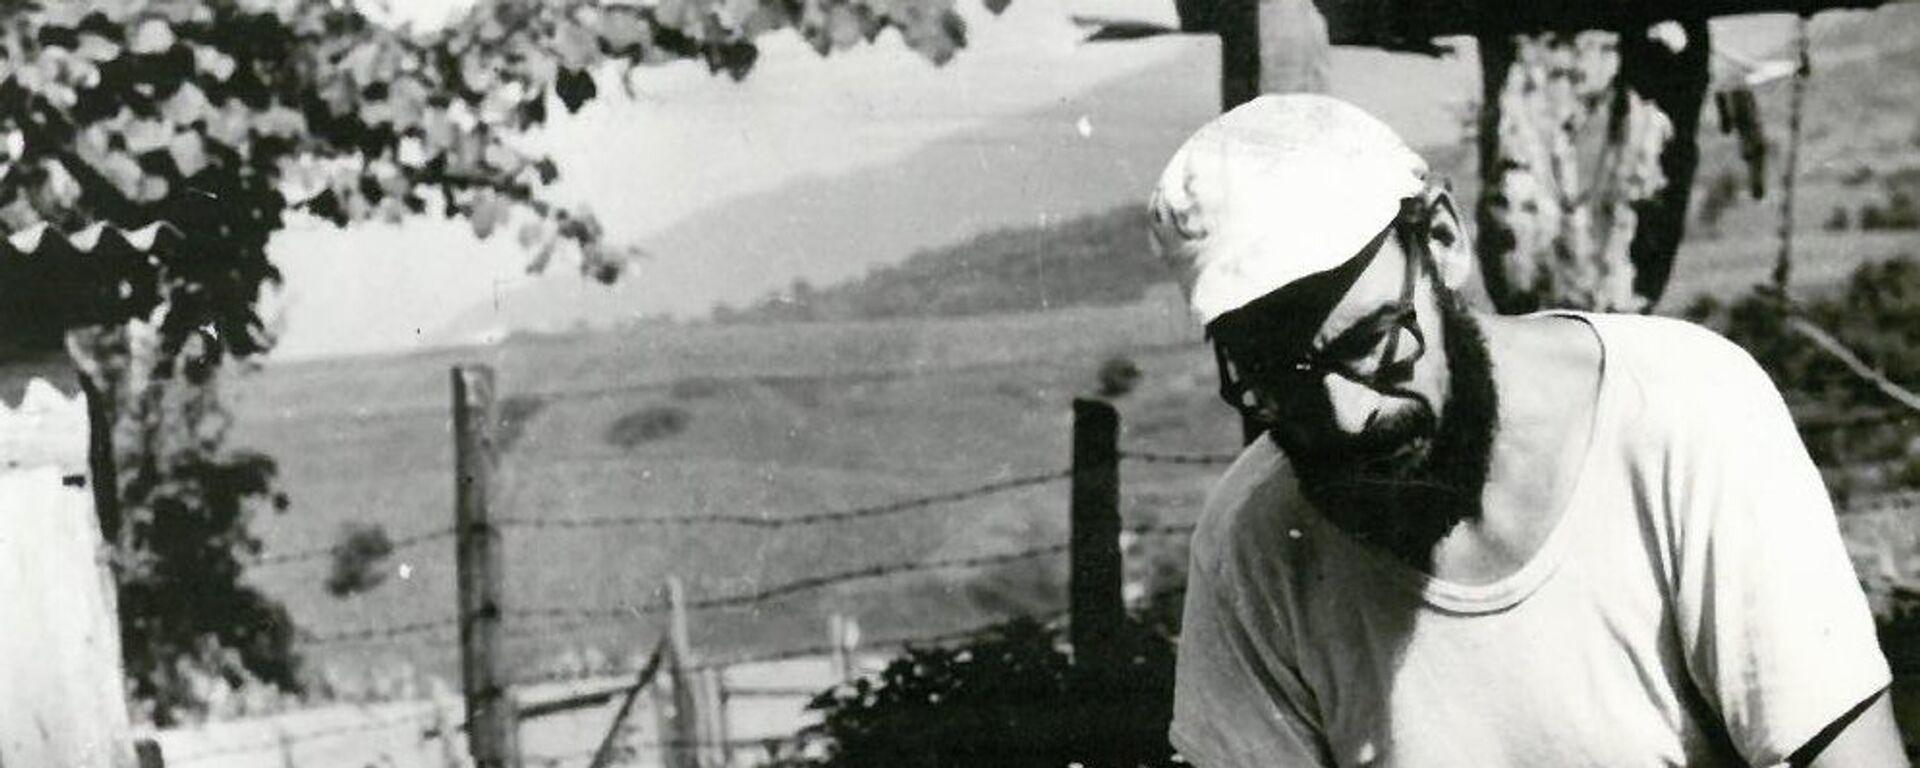 Юрий Воронов во время археологических раскопок. - Sputnik Аҧсны, 1920, 08.05.2021